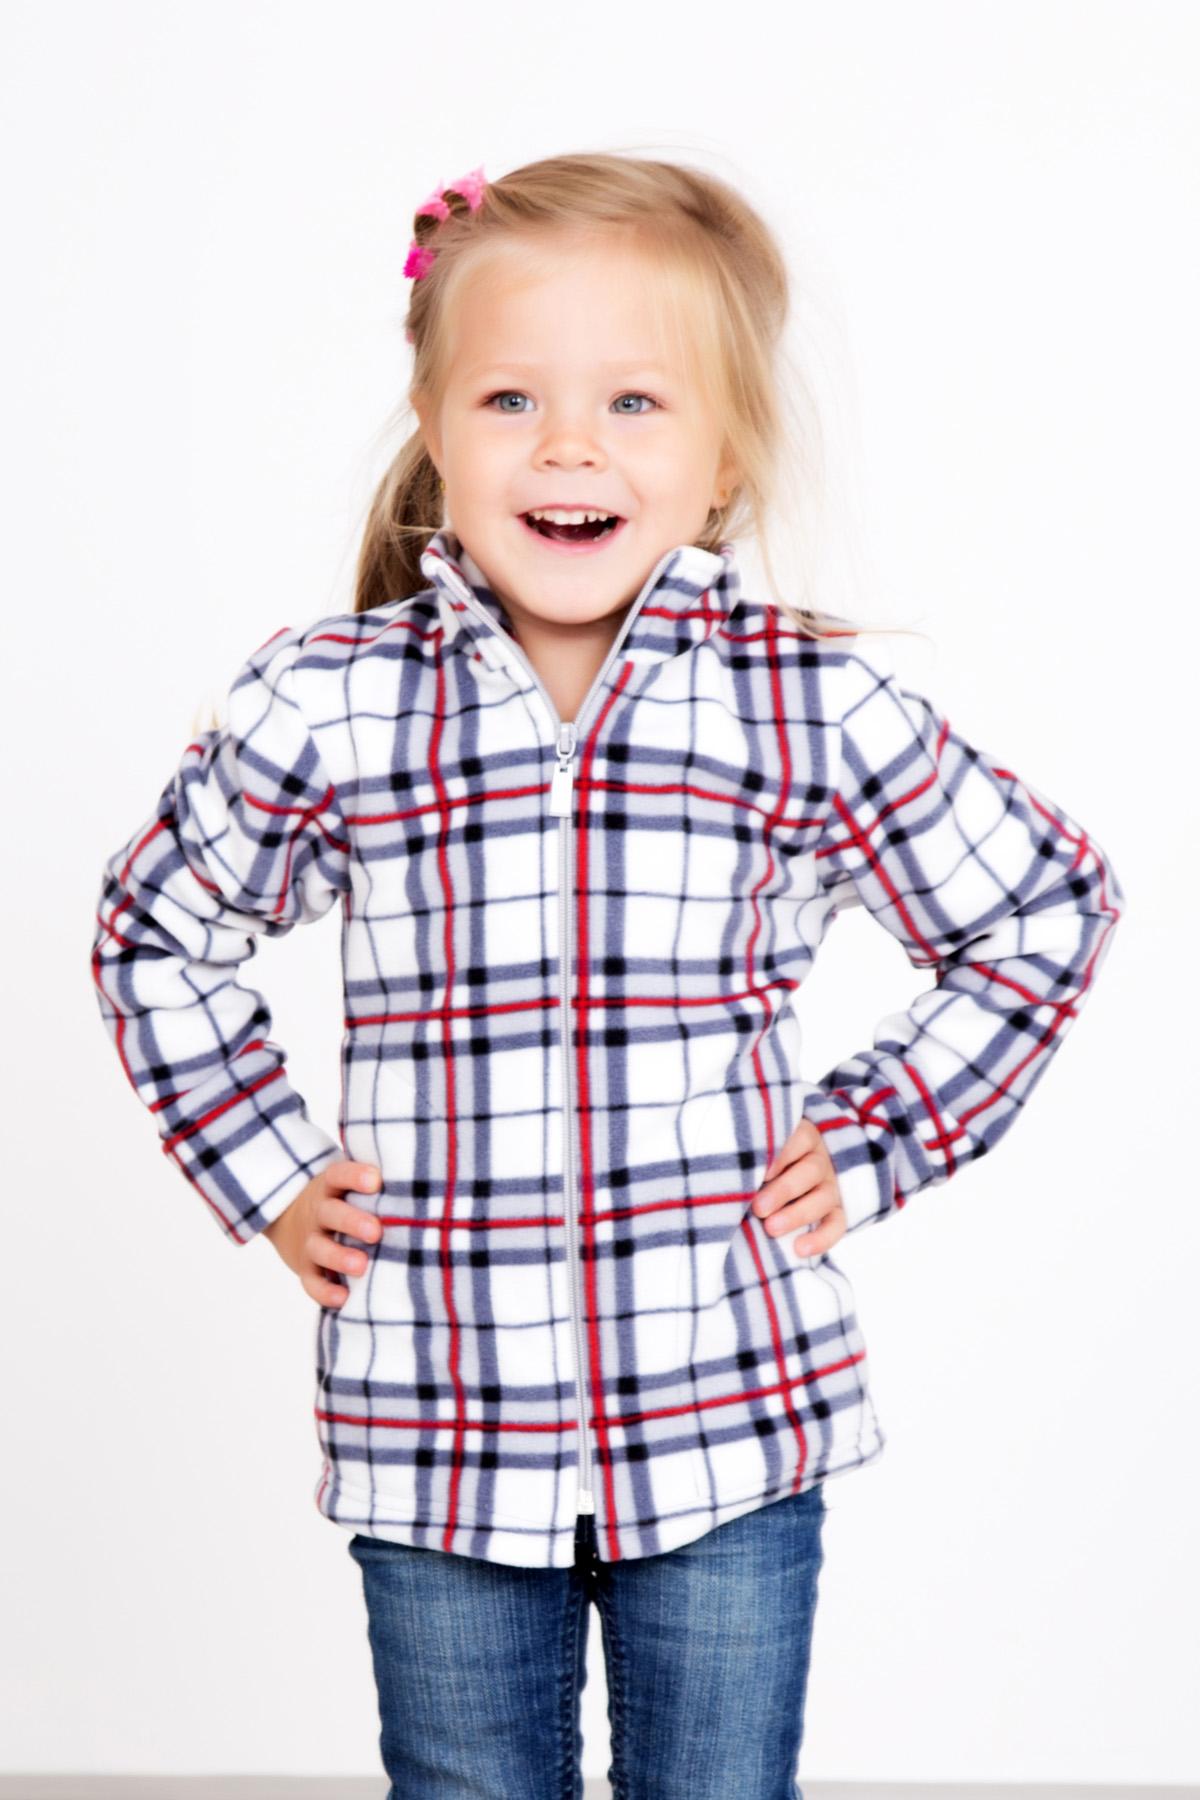 Дет. толстовка Клетка р. 36Толстовки, джемпера и рубашки<br><br><br>Тип: Дет. толстовка<br>Размер: 36<br>Материал: Флис